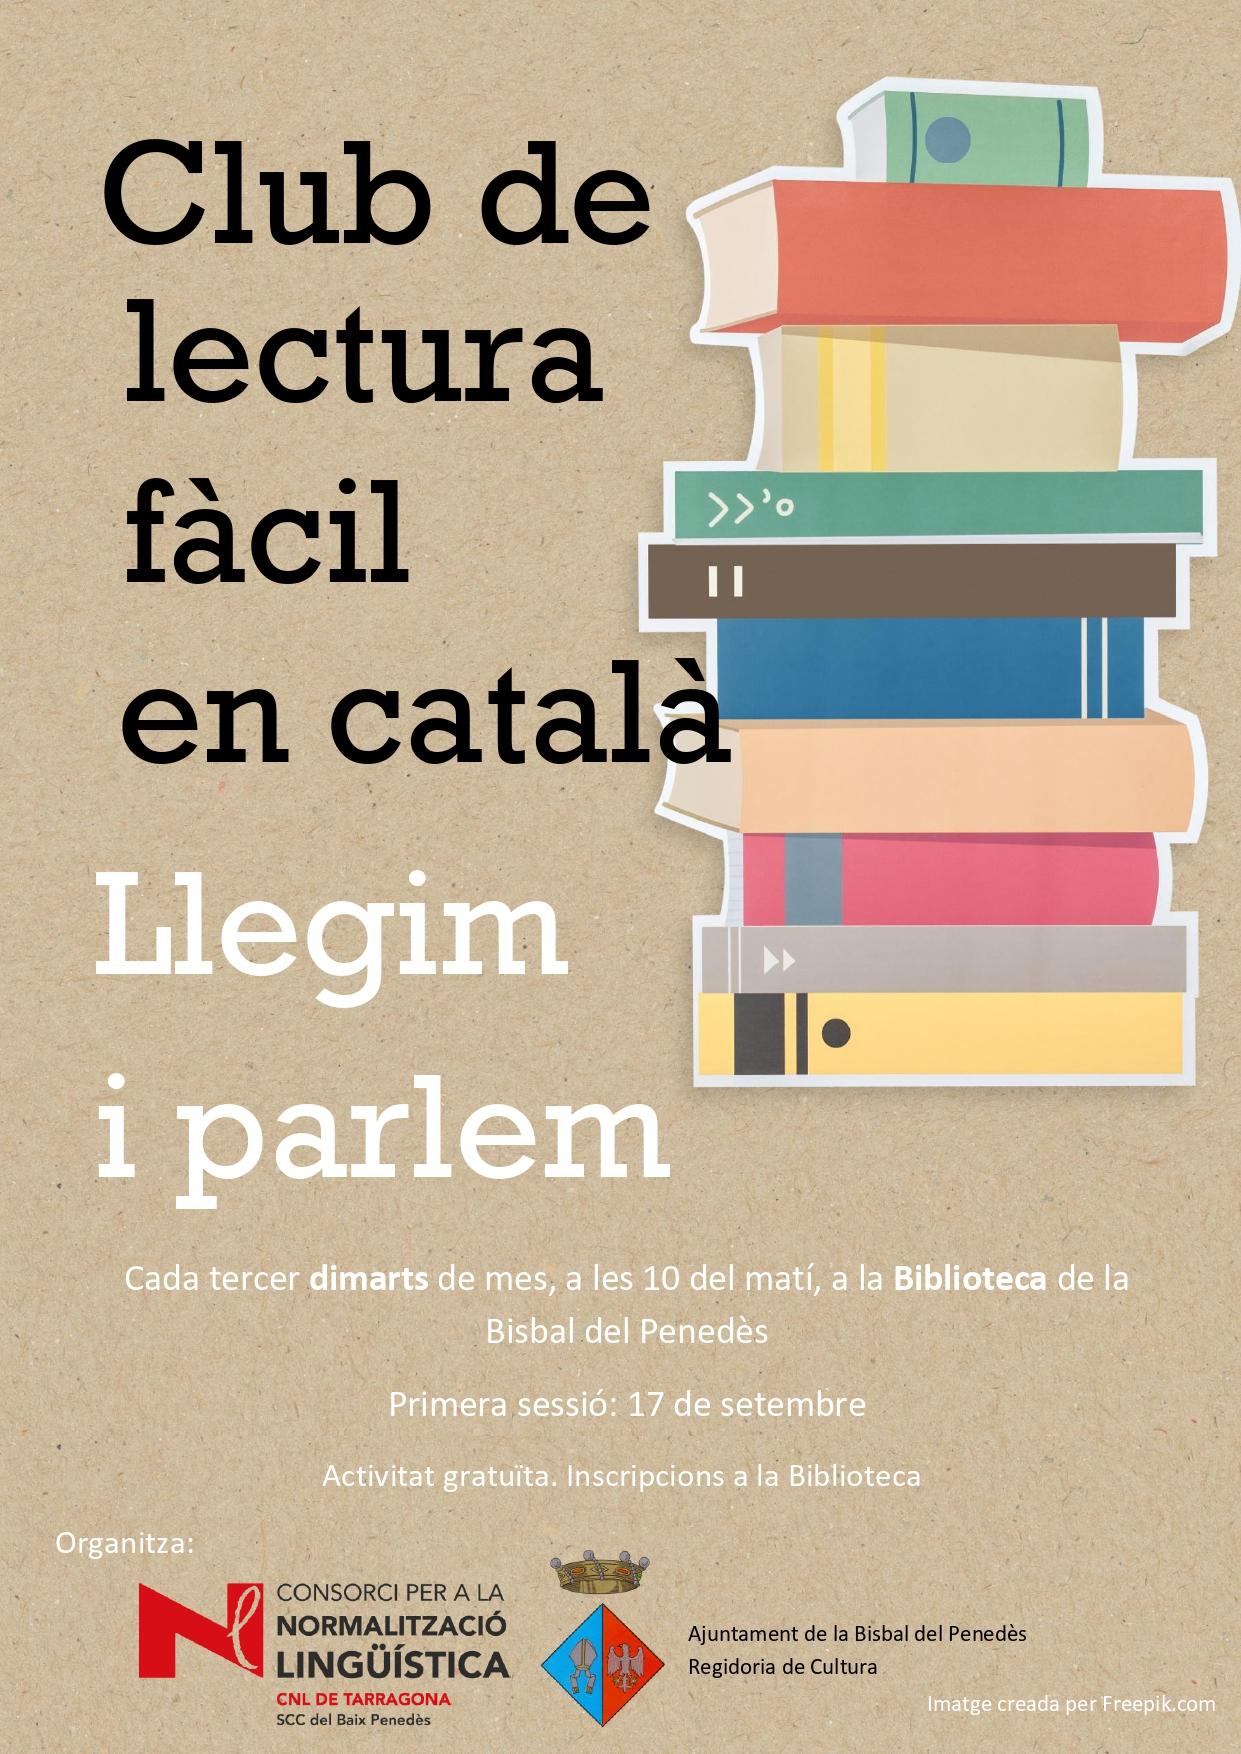 El dimarts 17 de setembre comença un nou curs del Club de lectura Fàcil en Català de la Biblioteca